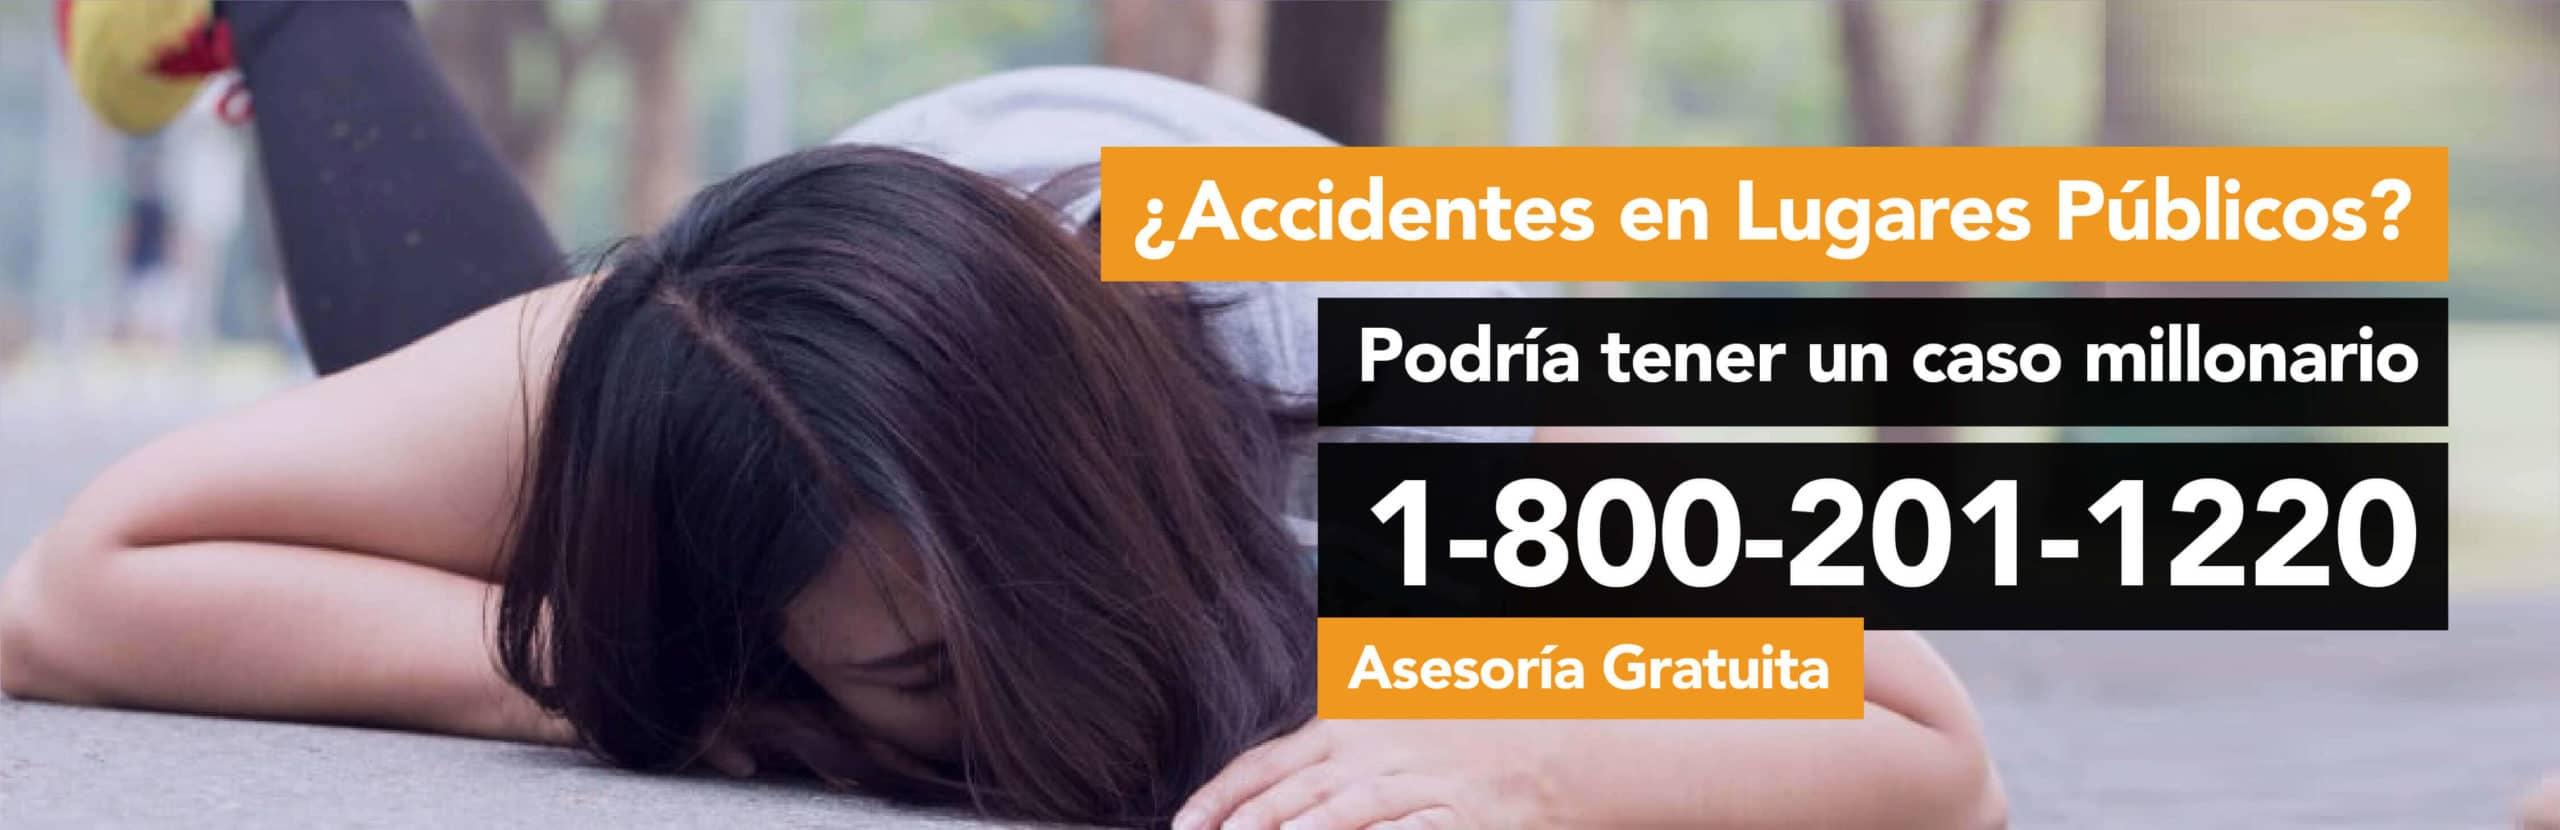 Accidentes en Lugares Públicos